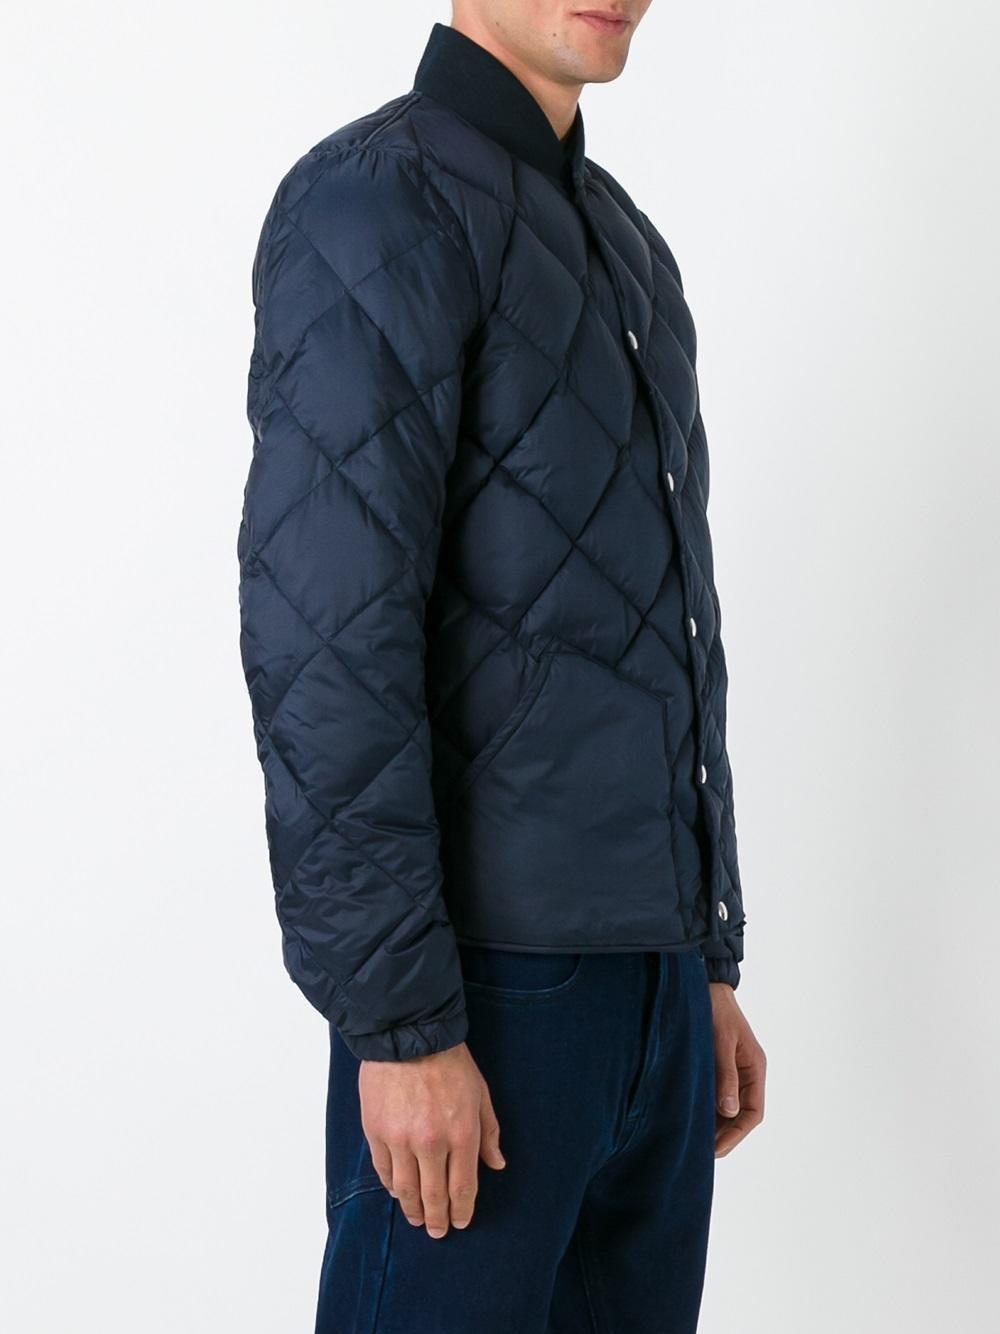 Bellerose Cotton Padded Bomber Jacket in Blue for Men